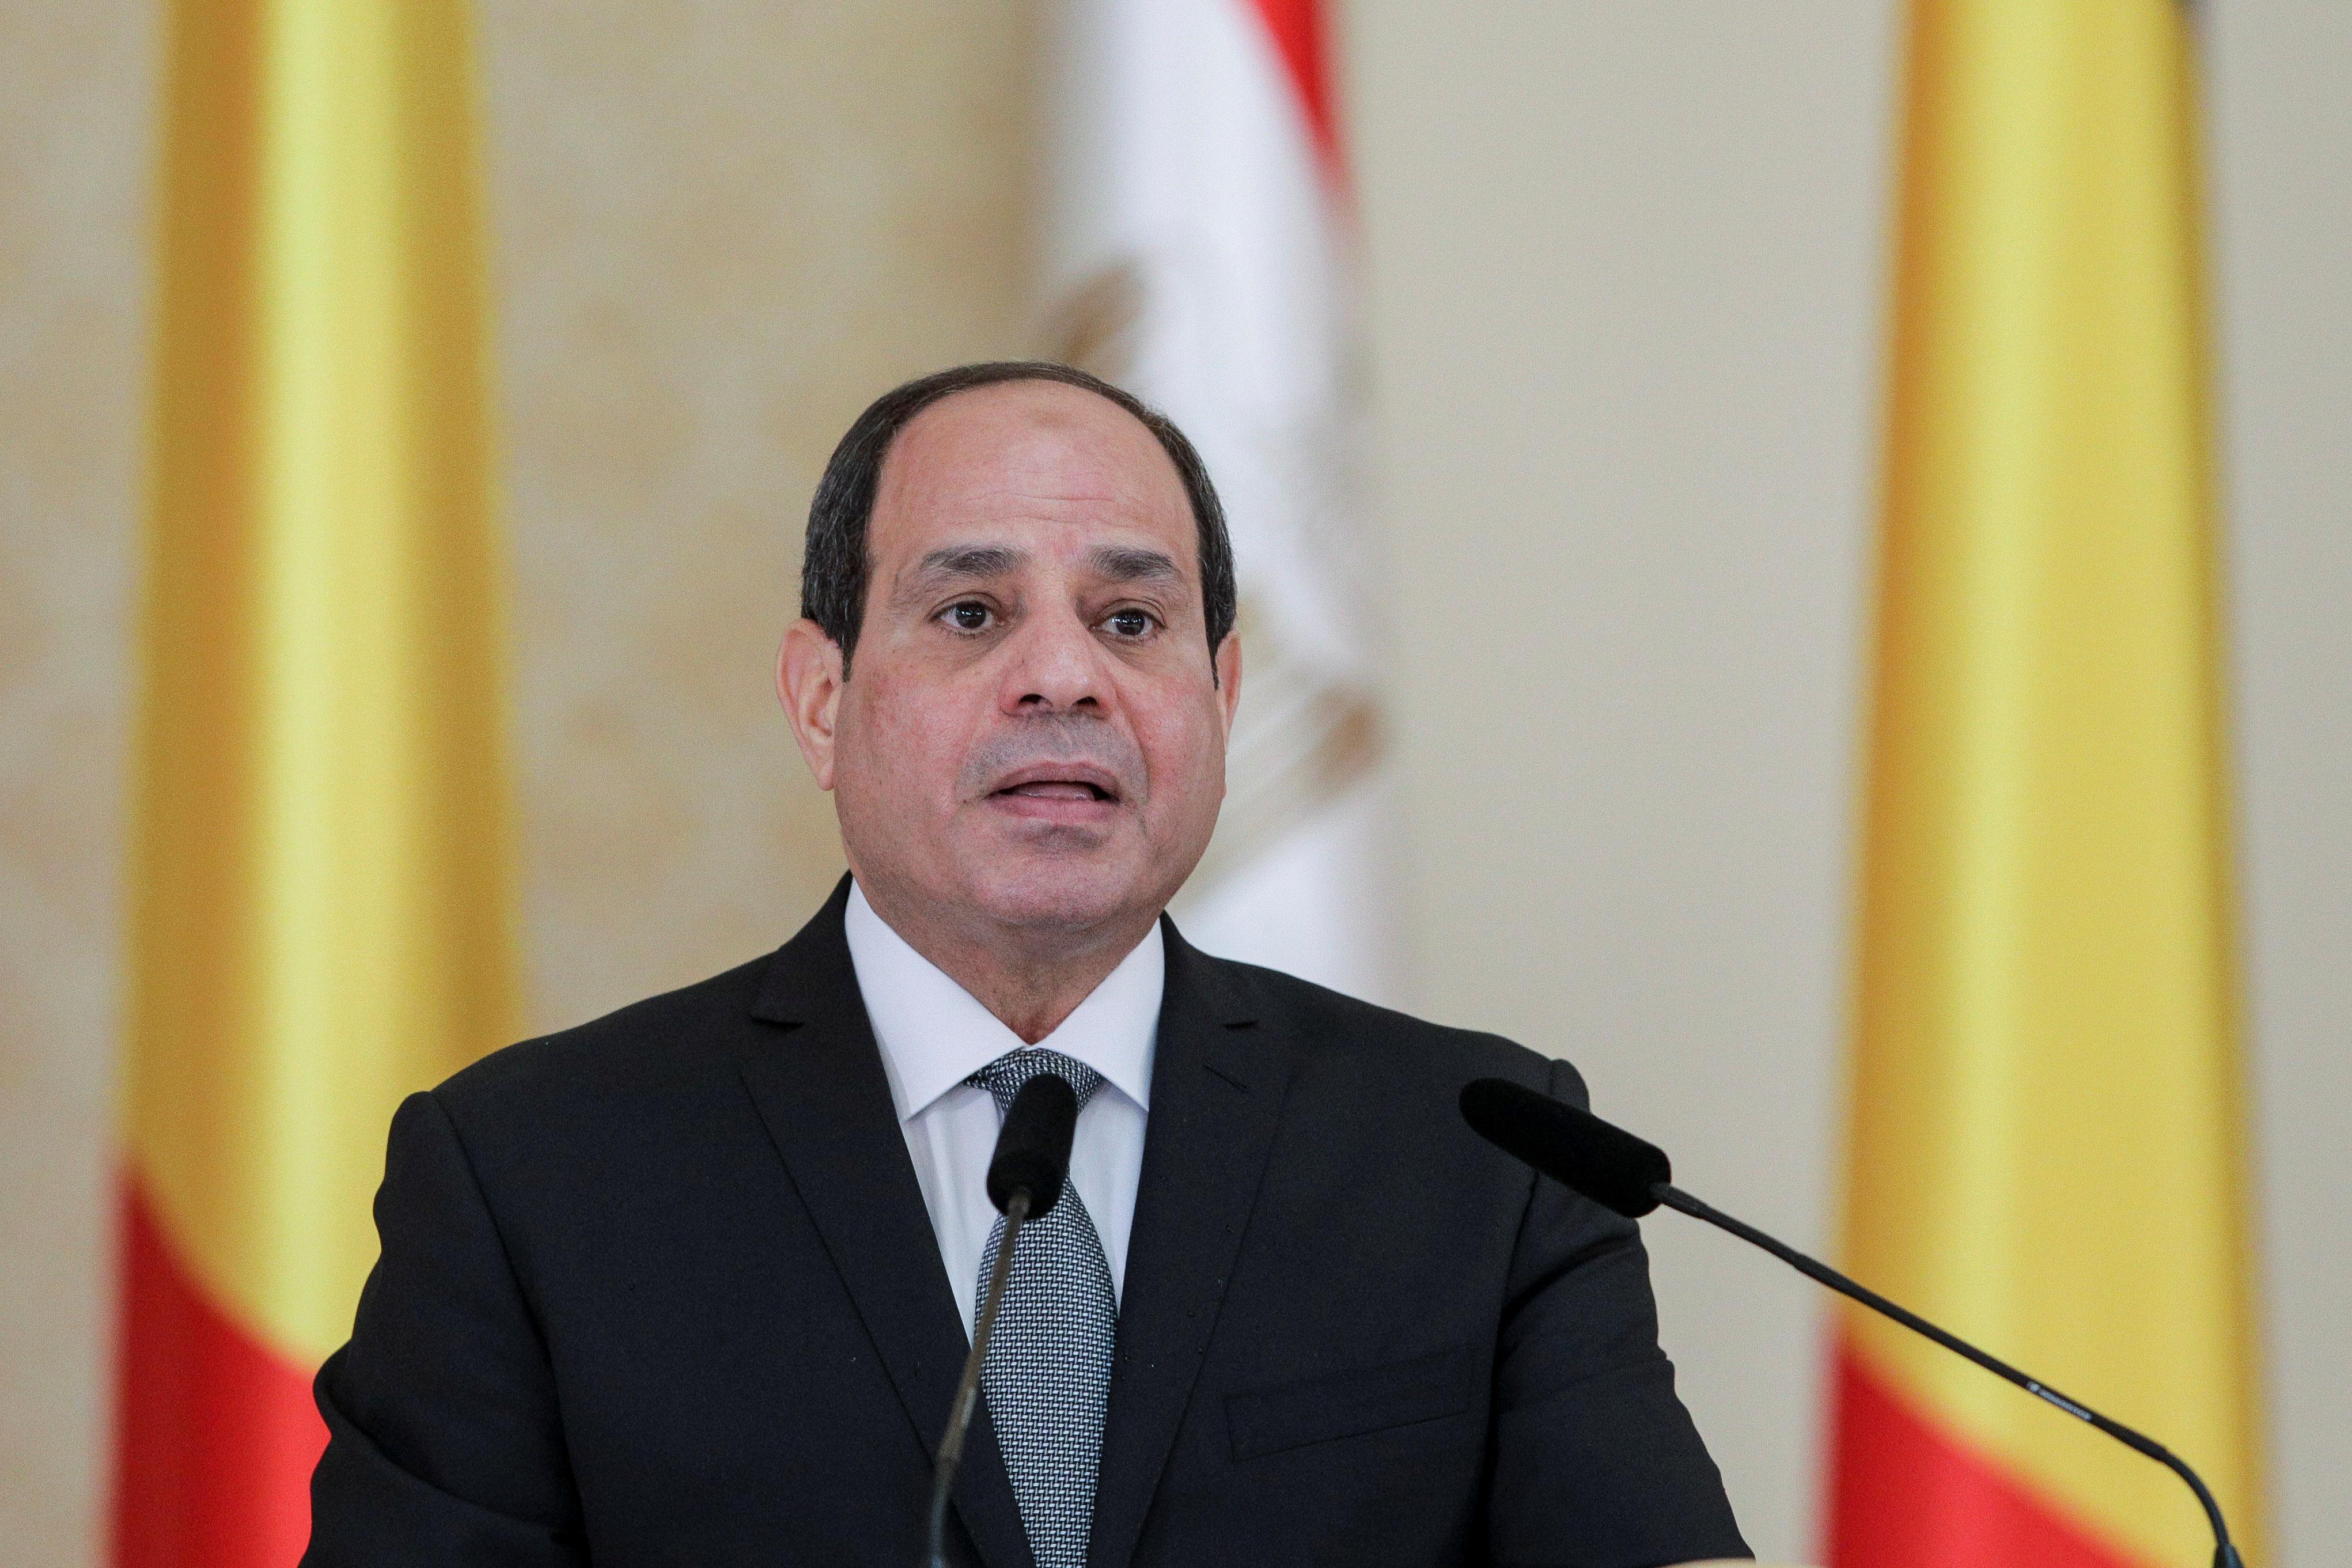 العقلية الأمنية التي تحكم مصر .. تقرير: السيسي يستغل أزمة كورونا لتعزيز قبضته    الحرة